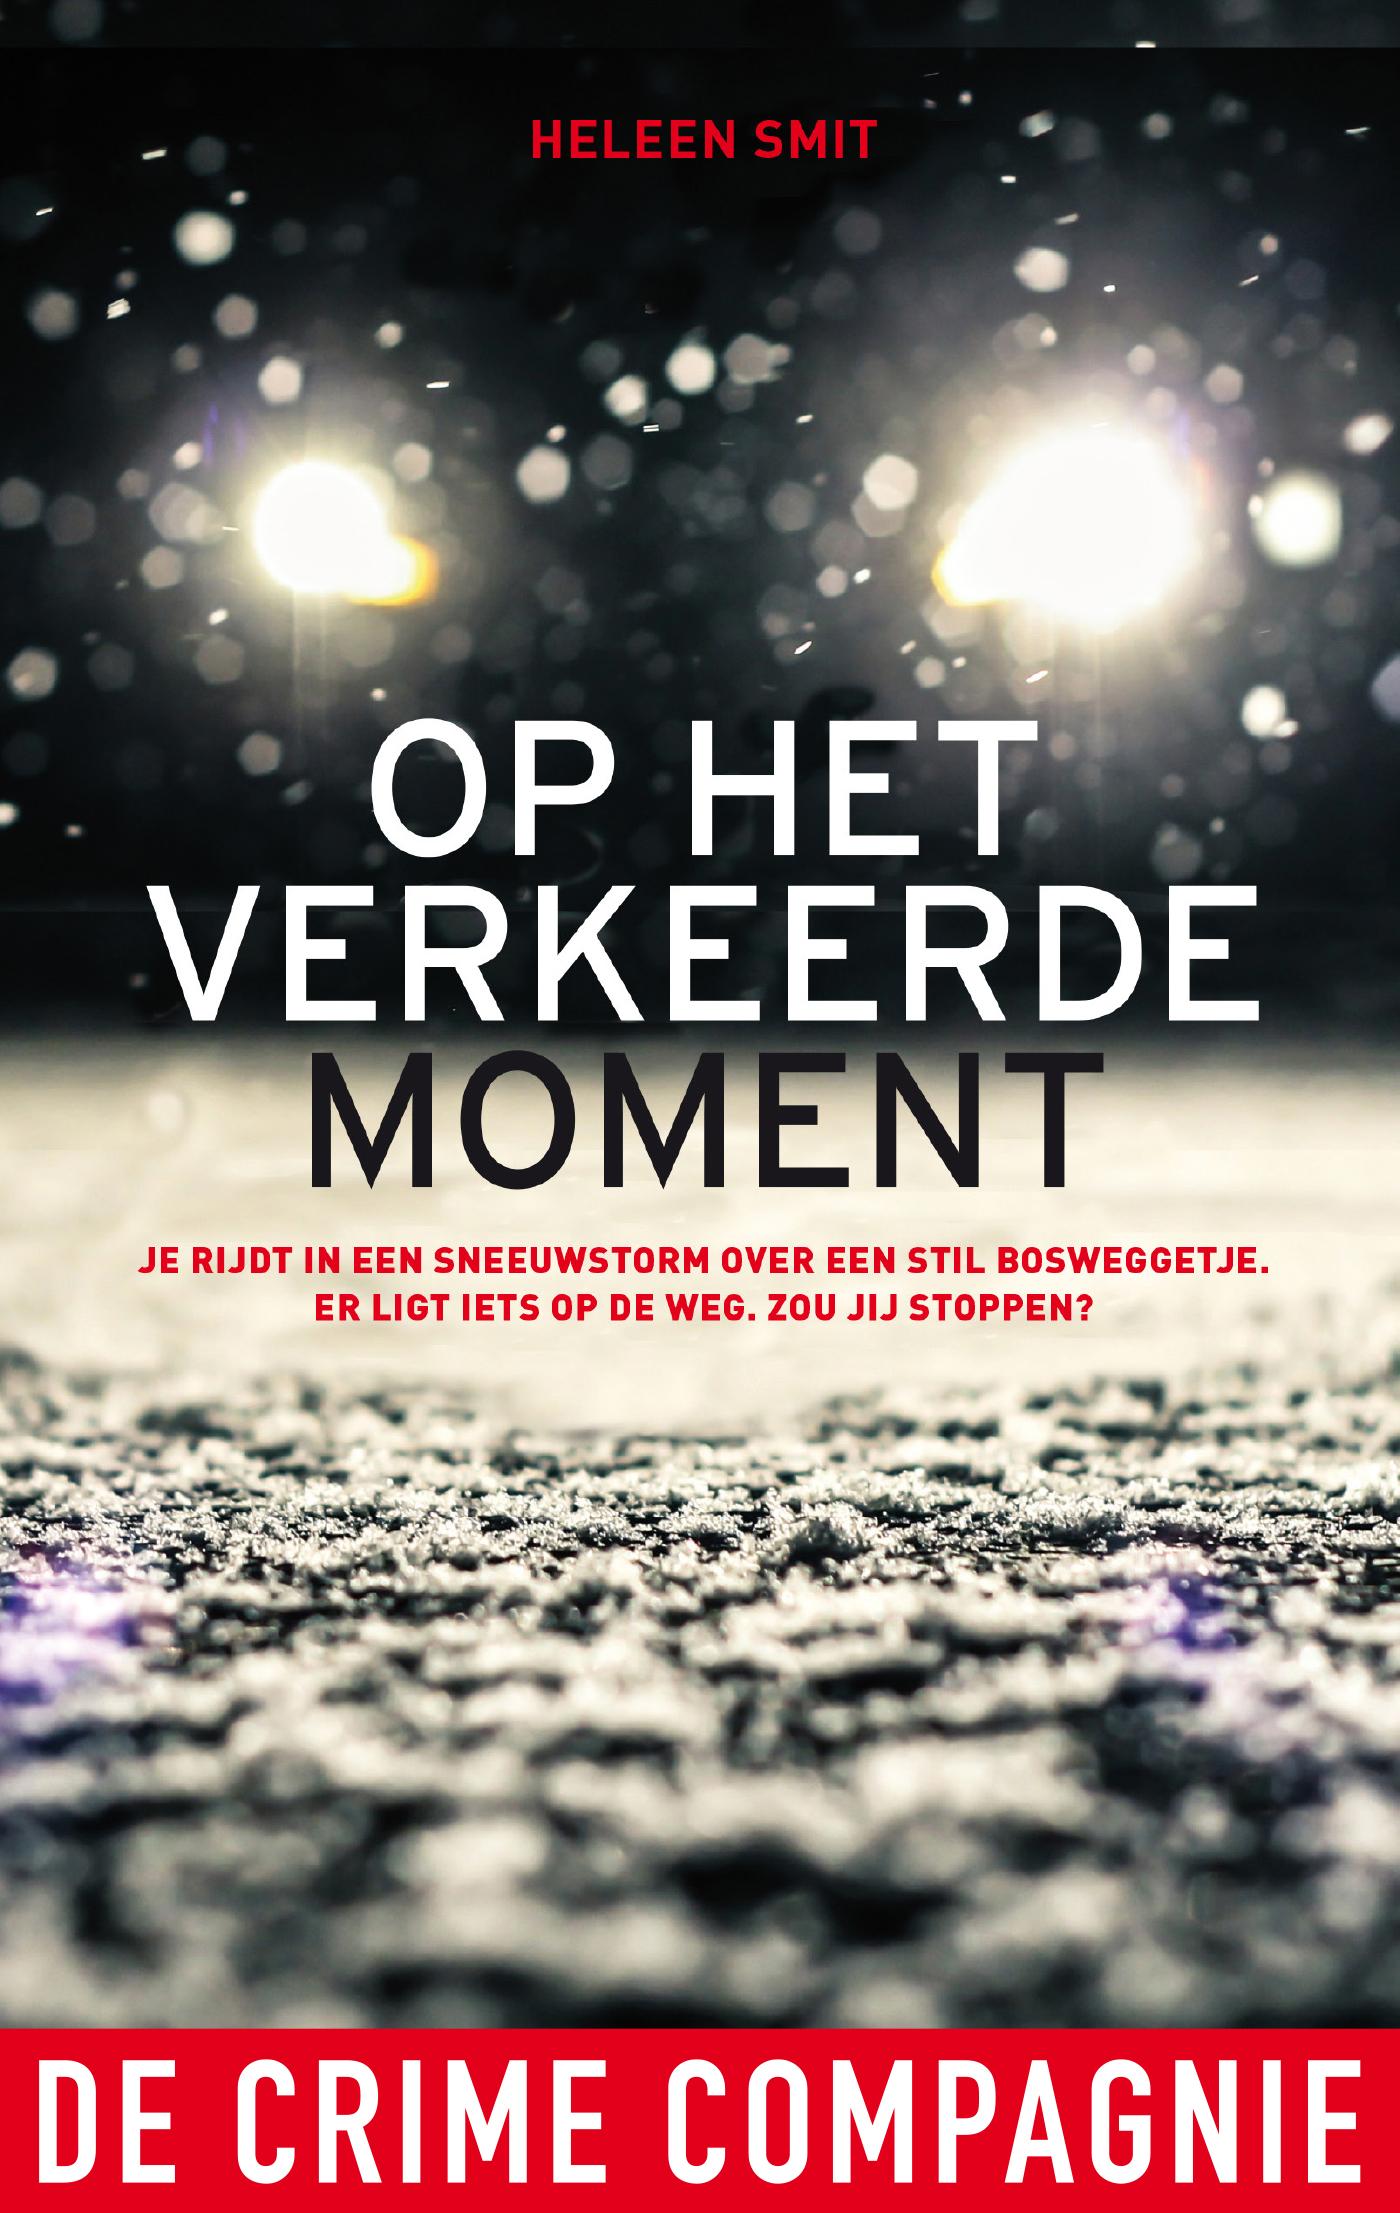 Op het verkeerde moment - boekenflits.nl